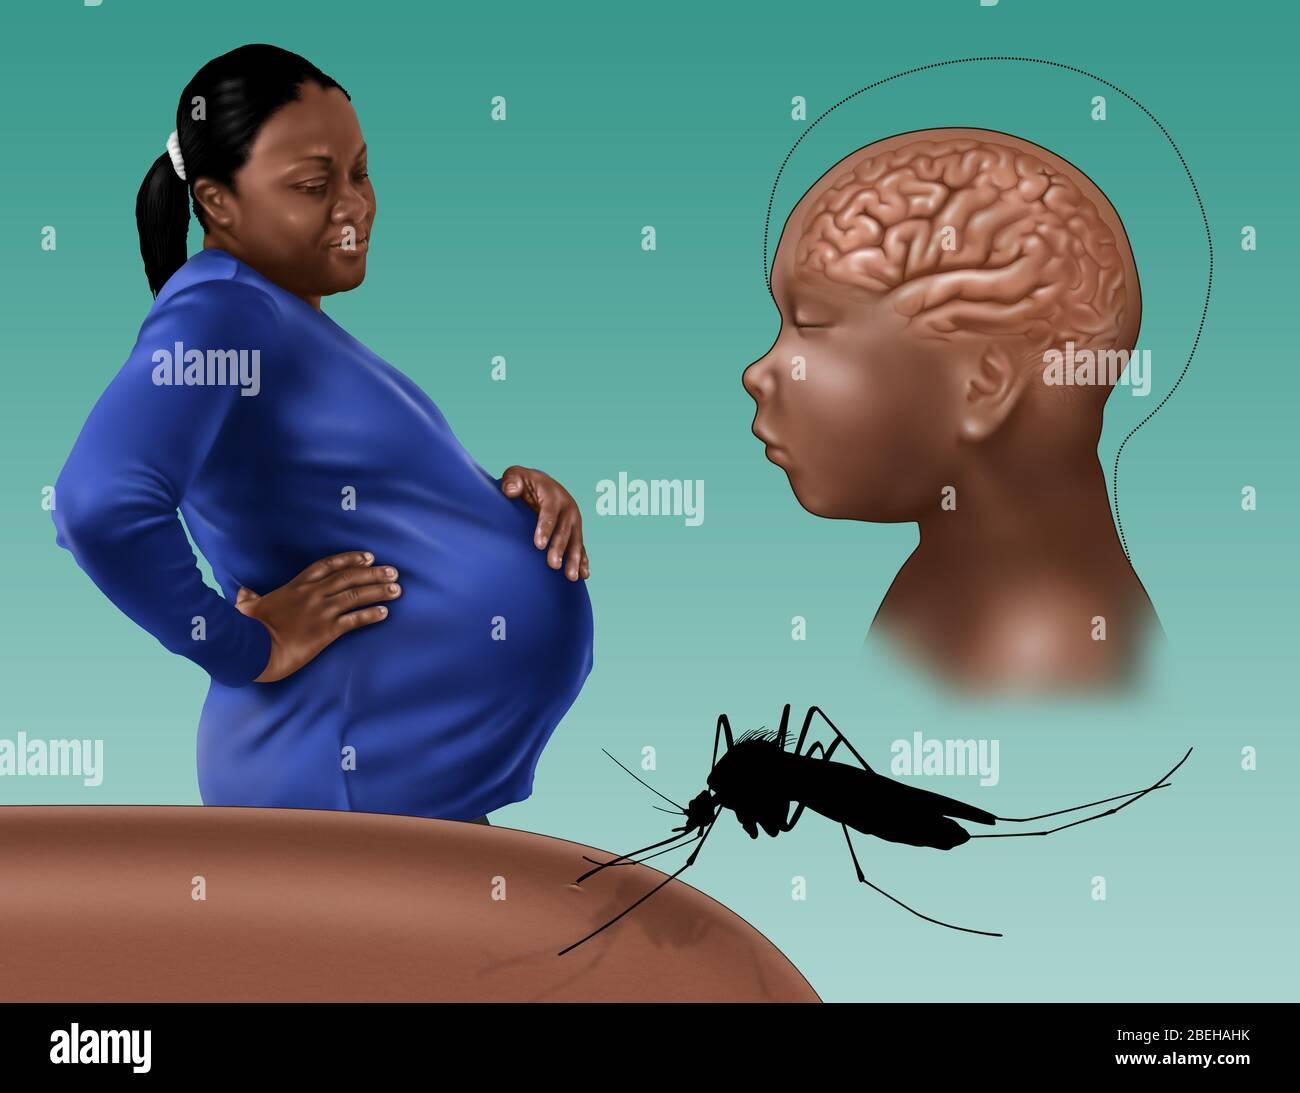 La microcefalia es una afección médica en la cual el cerebro no se desarrolla adecuadamente, lo que resulta en una cabeza más pequeña de lo normal. La microcefalia puede estar presente al nacer o puede desarrollarse en los primeros años de vida. A menudo, las personas con el trastorno tienen una discapacidad intelectual, una función motora deficiente, un habla deficiente, características faciales anormales, convulsiones y enanismo. Los bebés pueden sufrir de microcefalia congénita si sus madres estaban infectadas con el virus Zika mientras estaban embarazadas. El virus Zika es un flavivirus transmitido por mosquitos que está estrechamente relacionado con el virus del dengue. La transmisión ocurre principalmente a través de mordeduras de Foto de stock